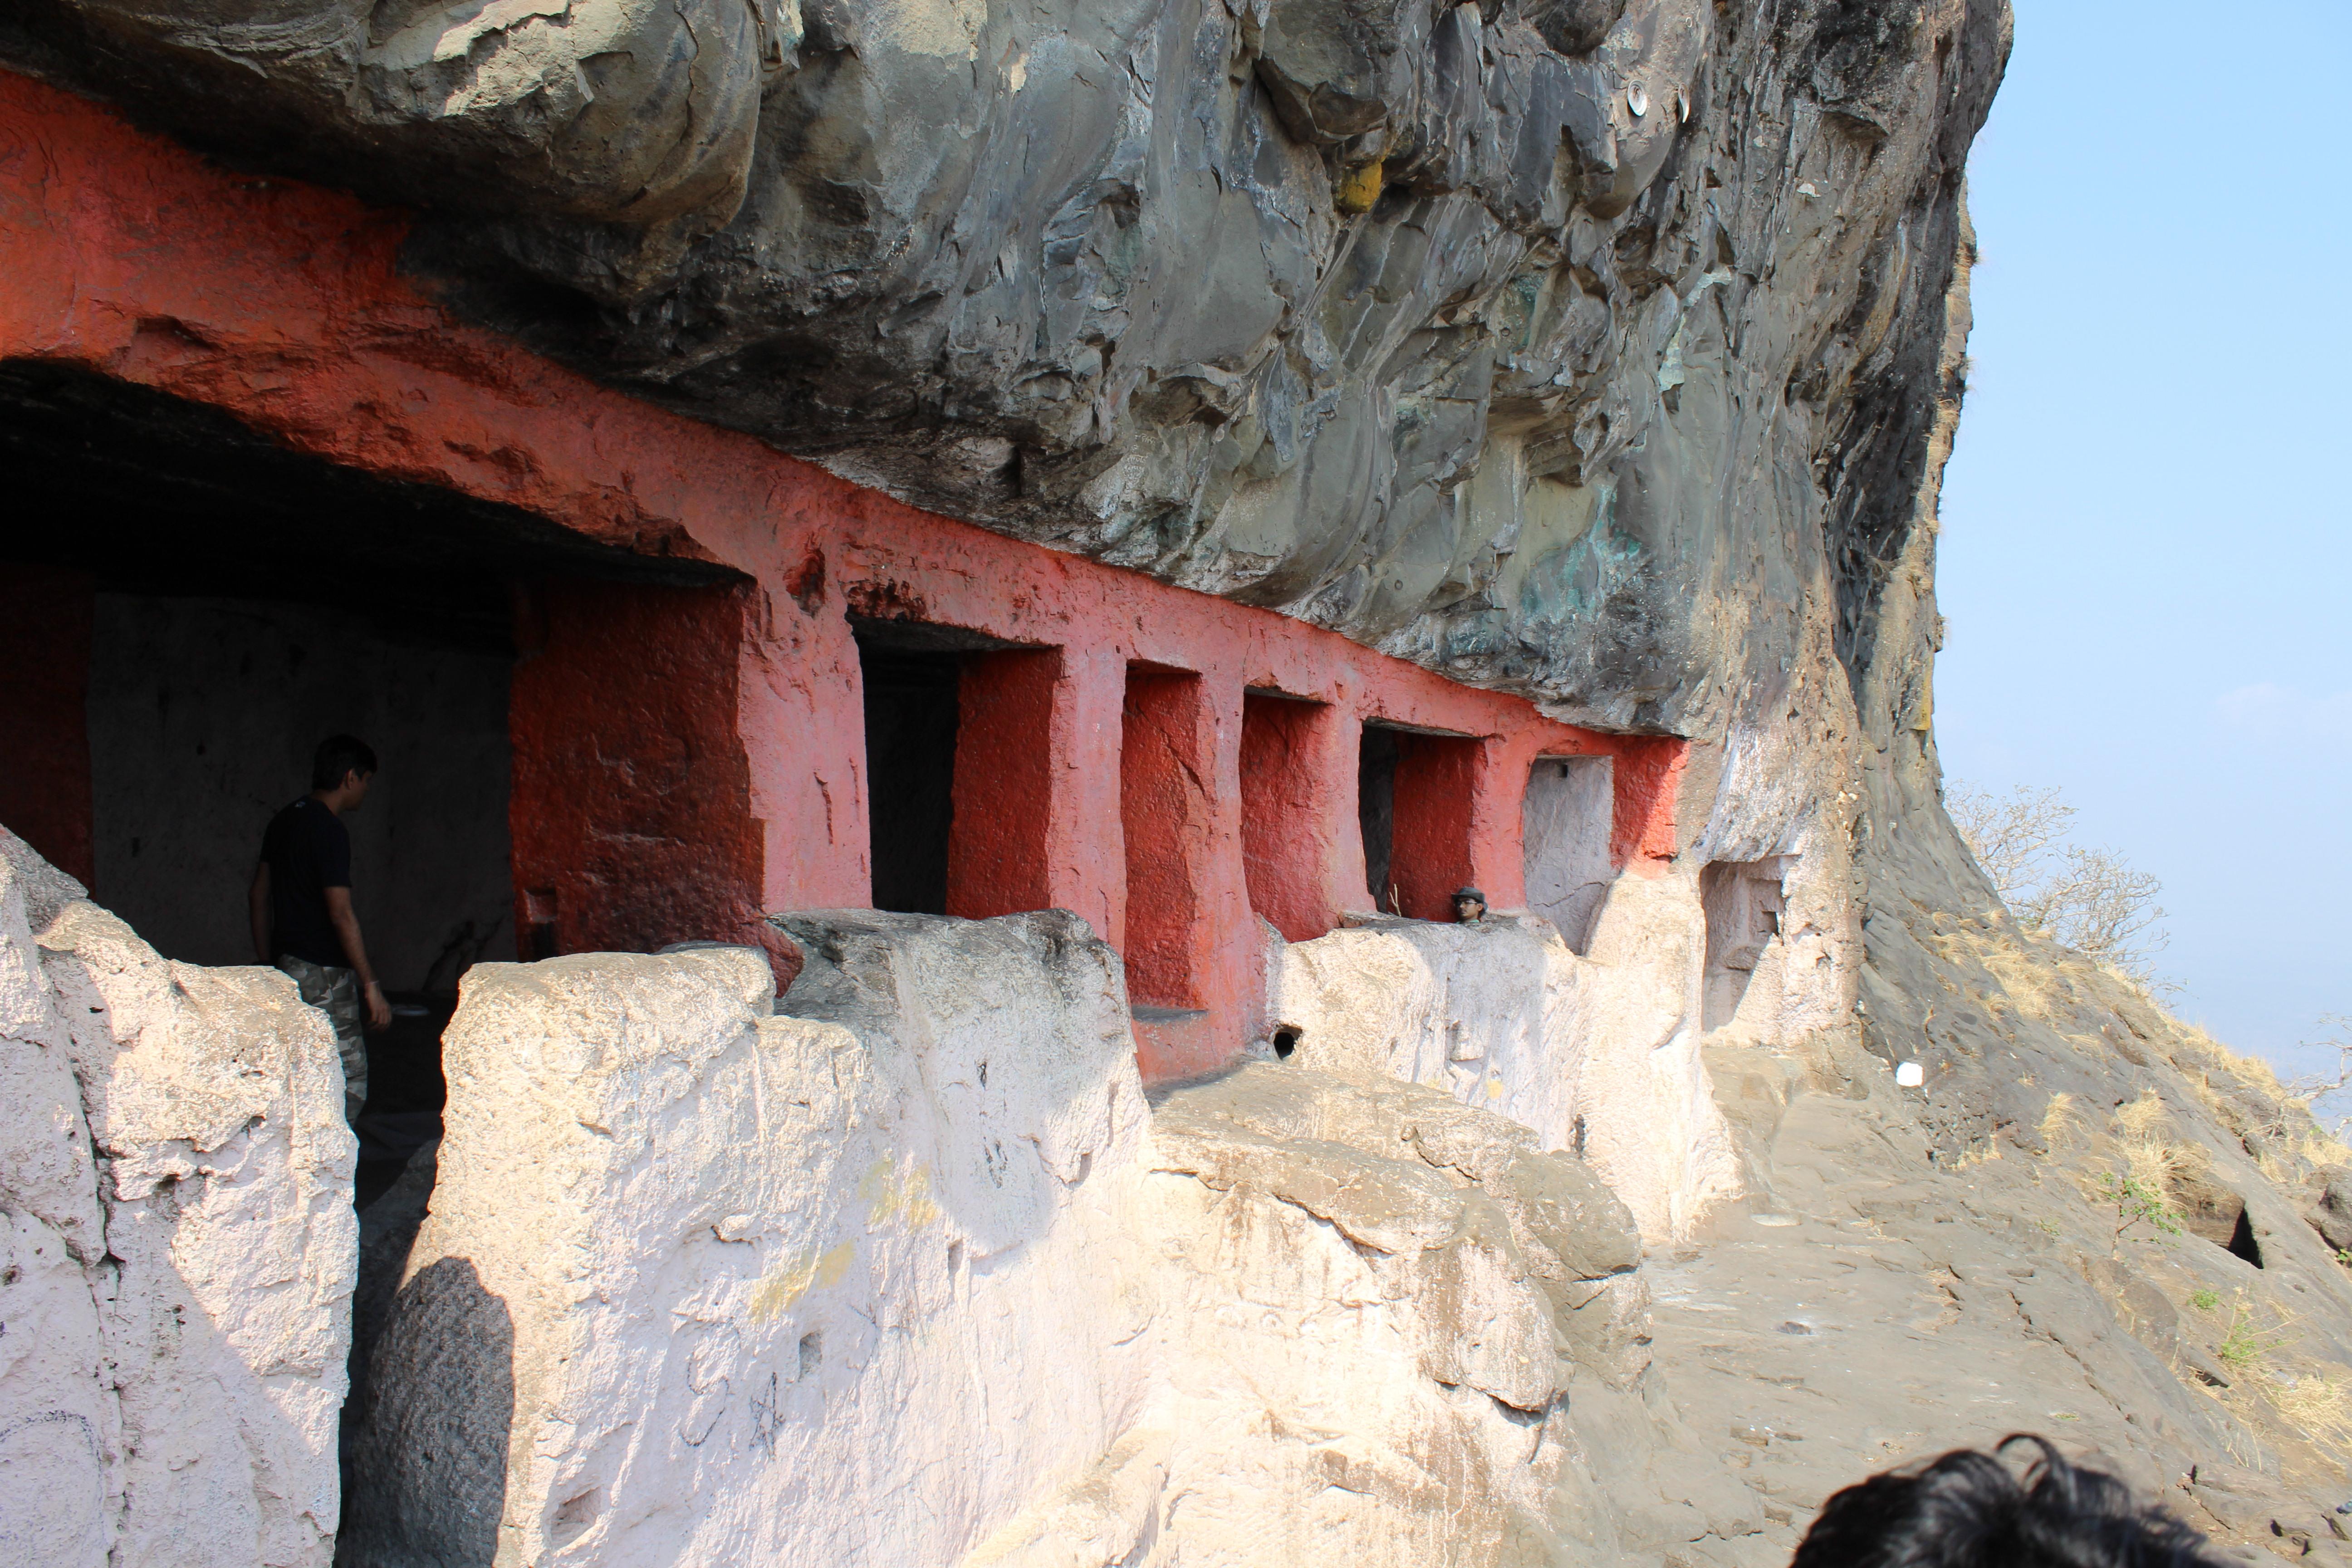 Gorakhgad Caves